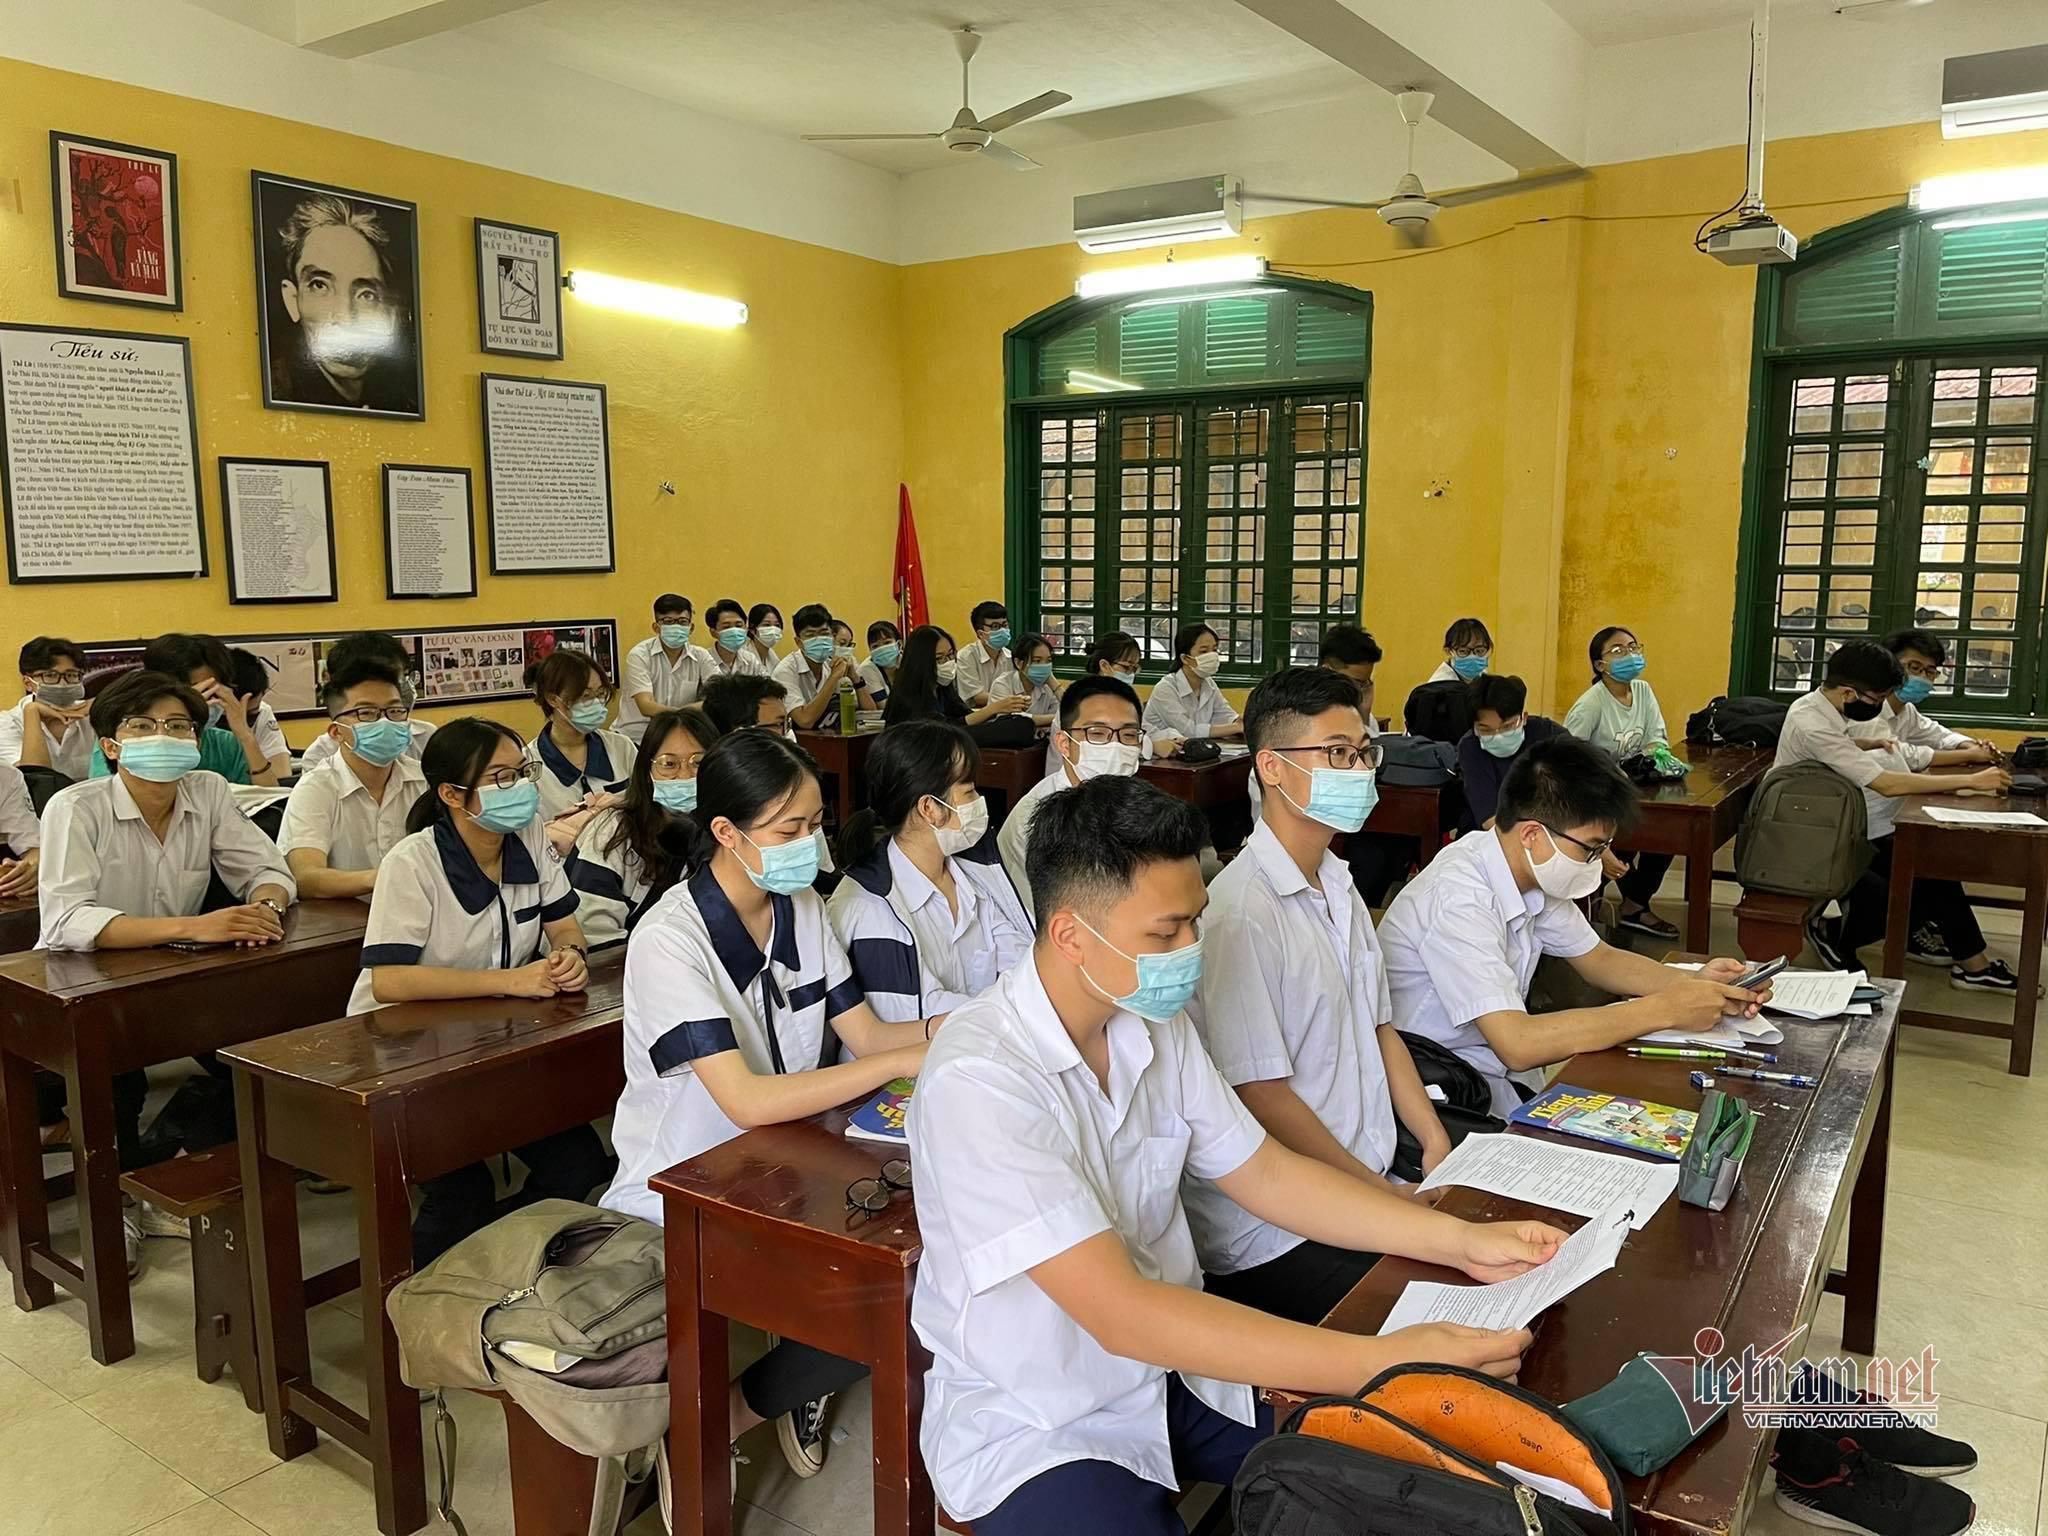 Nhiều học sinh vô tư 'quên' khẩu trang khi đến trường